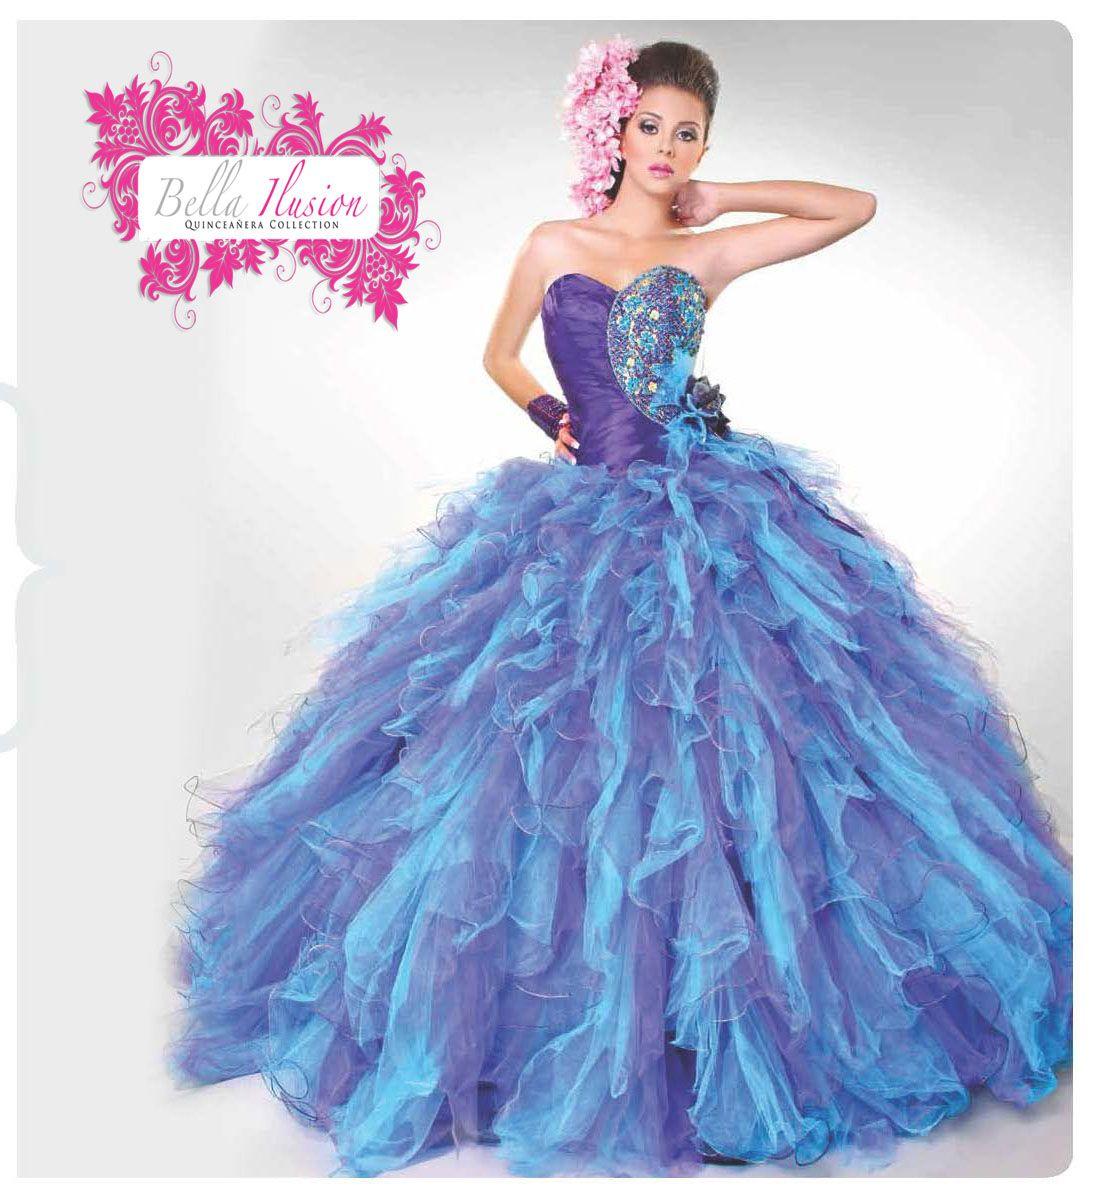 Bella sera bella ilusion bridal prom and quinceanera dresses bella sera bella ilusion bridal prom and quinceanera dresses junglespirit Gallery